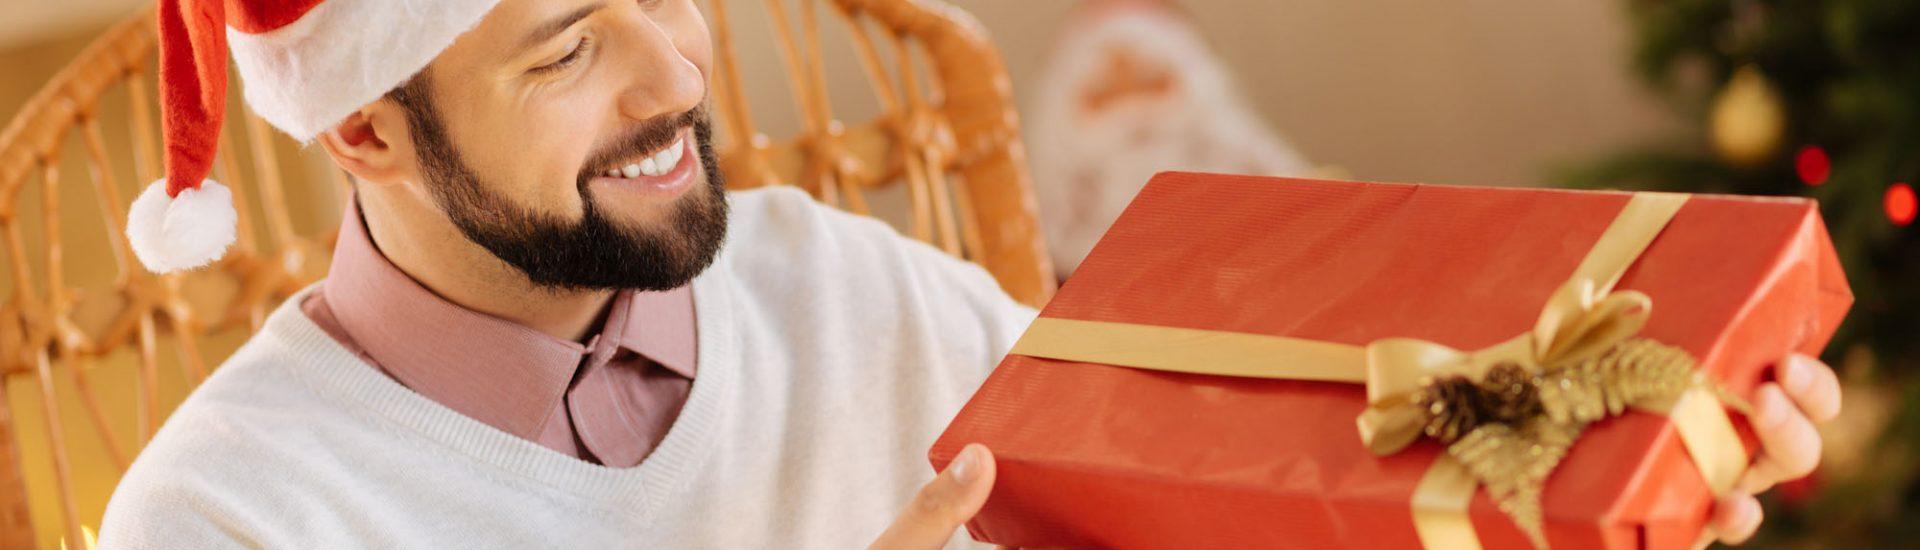 Weihnachtsgeschenke für Männer - Top 10 Inspirationen